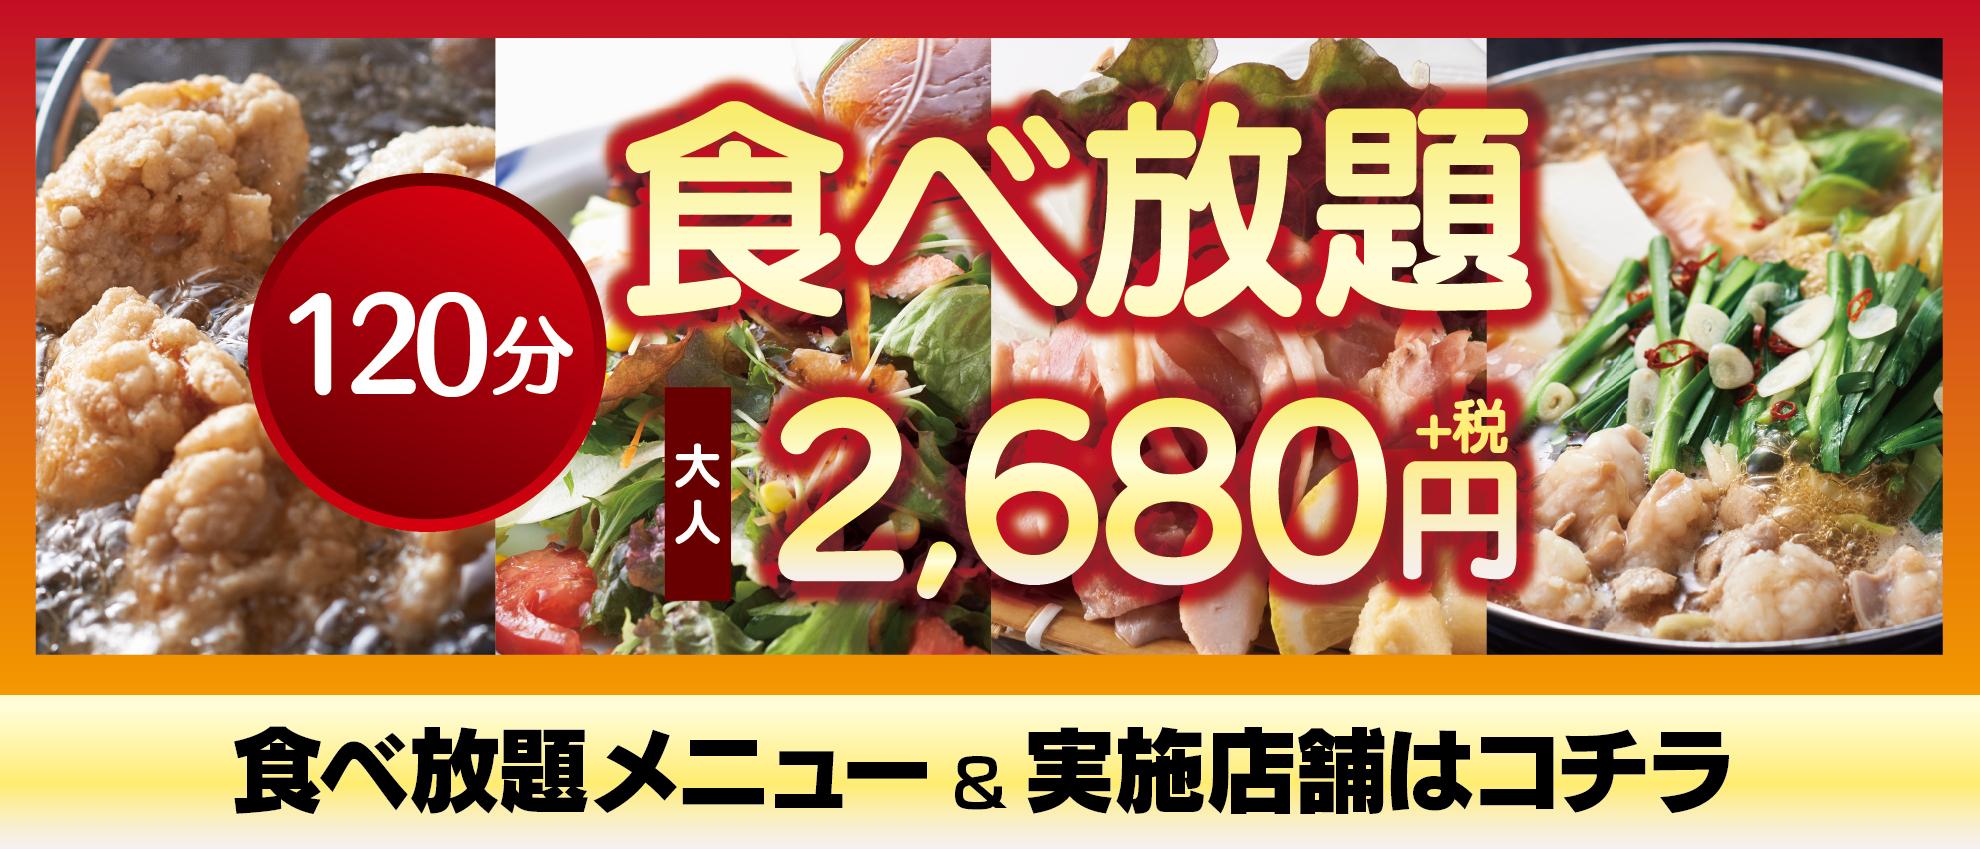 食べ放題2680円